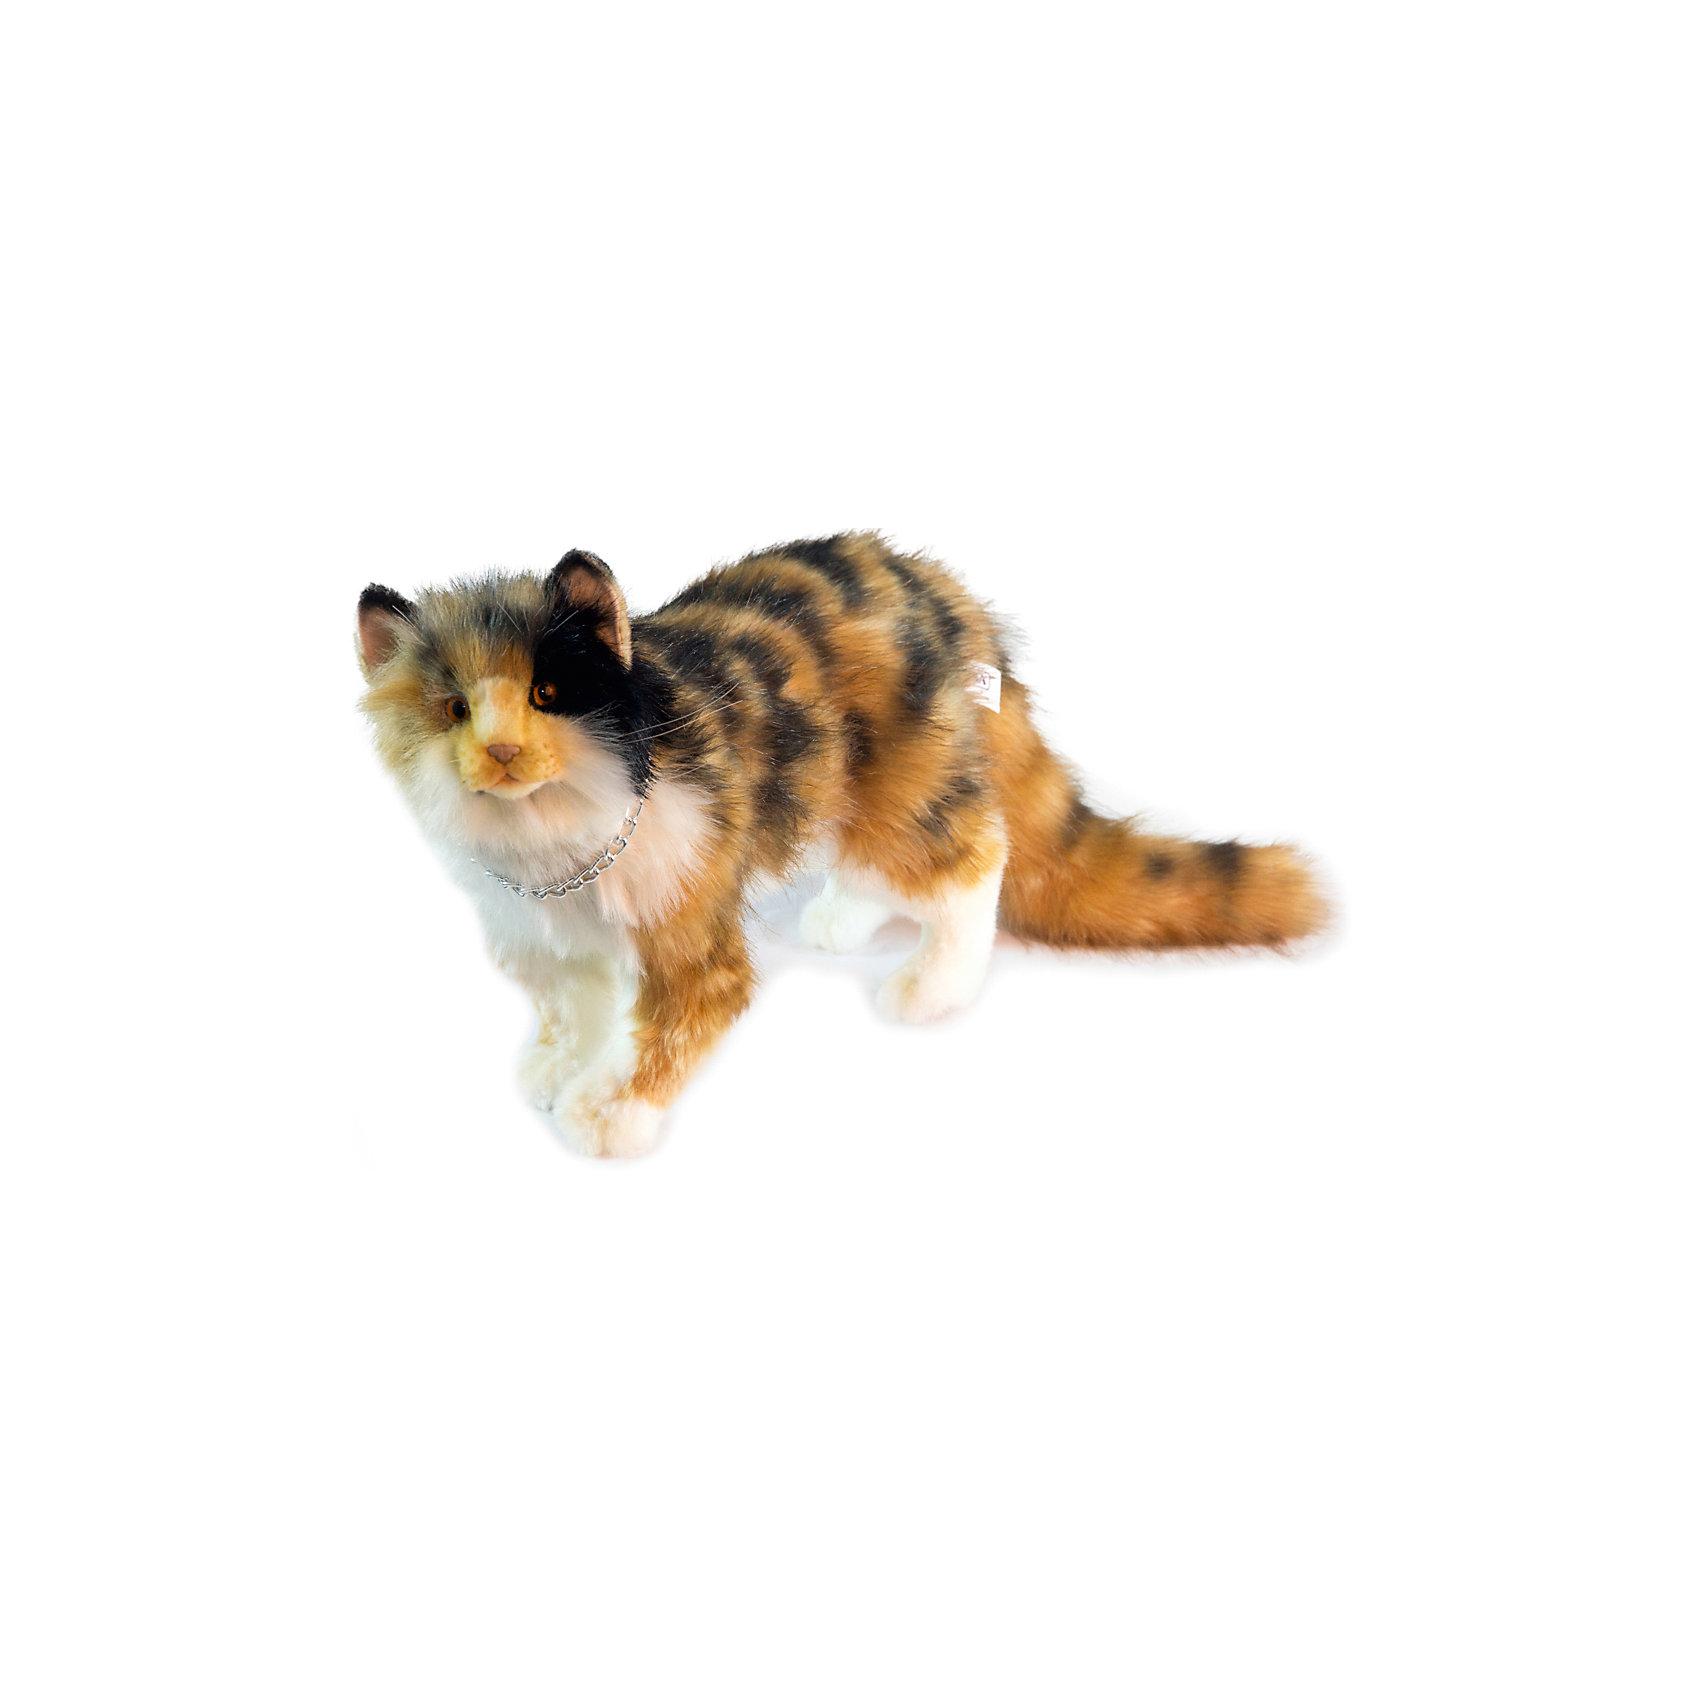 Кошка Бетти, 62 смКошка Бетти, 62 см – игрушка от знаменитого бренда Hansa, специализирующегося на выпуске мягких игрушек с высокой степенью натуралистичности. Внешний вид игрушечной кошки полностью соответствует своему реальному прототипу. Она выполнена из искусственного меха с длинным ворсом. Окрас игрушки имитирует окрас настоящего животного: пестрая шерстка из сочетания черного, ражего, белого цветов. Использованные материалы обладают гипоаллергенными свойствами. Внутри игрушки имеется металлический каркас, позволяющий изменять положение. <br>Игрушка относится к серии Домашние животные. <br>Мягкие игрушки от Hansa подходят для сюжетно-ролевых игр, для обучающих игр, направленных на знакомство с миром живой природы. Кроме того, их можно использовать в качестве интерьерных игрушек. Представленные у торгового бренда разнообразие игрушечных кошек позволяет собрать свою коллекцию пород, которая будет радовать вашего ребенка долгое время, так как ручная работа и качественные материалы гарантируют их долговечность и прочность.<br><br>Дополнительная информация:<br><br>- Вид игр: сюжетно-ролевые игры, коллекционирование, интерьерные игрушки<br>- Предназначение: для дома, для детских развивающих центров, для детских садов<br>- Материал: искусственный мех, наполнитель ? полиэфирное волокно<br>- Размер (ДхШхВ): 31*17*62 см<br>- Вес: 1 кг 200 г<br>- Особенности ухода: сухая чистка при помощи пылесоса или щетки для одежды<br><br>Подробнее:<br><br>• Для детей в возрасте: от 3 лет <br>• Страна производитель: Филиппины<br>• Торговый бренд: Hansa<br><br>Кошку Бетти, 62 см можно купить в нашем интернет-магазине.<br><br>Ширина мм: 31<br>Глубина мм: 17<br>Высота мм: 62<br>Вес г: 1200<br>Возраст от месяцев: 36<br>Возраст до месяцев: 2147483647<br>Пол: Унисекс<br>Возраст: Детский<br>SKU: 4927234